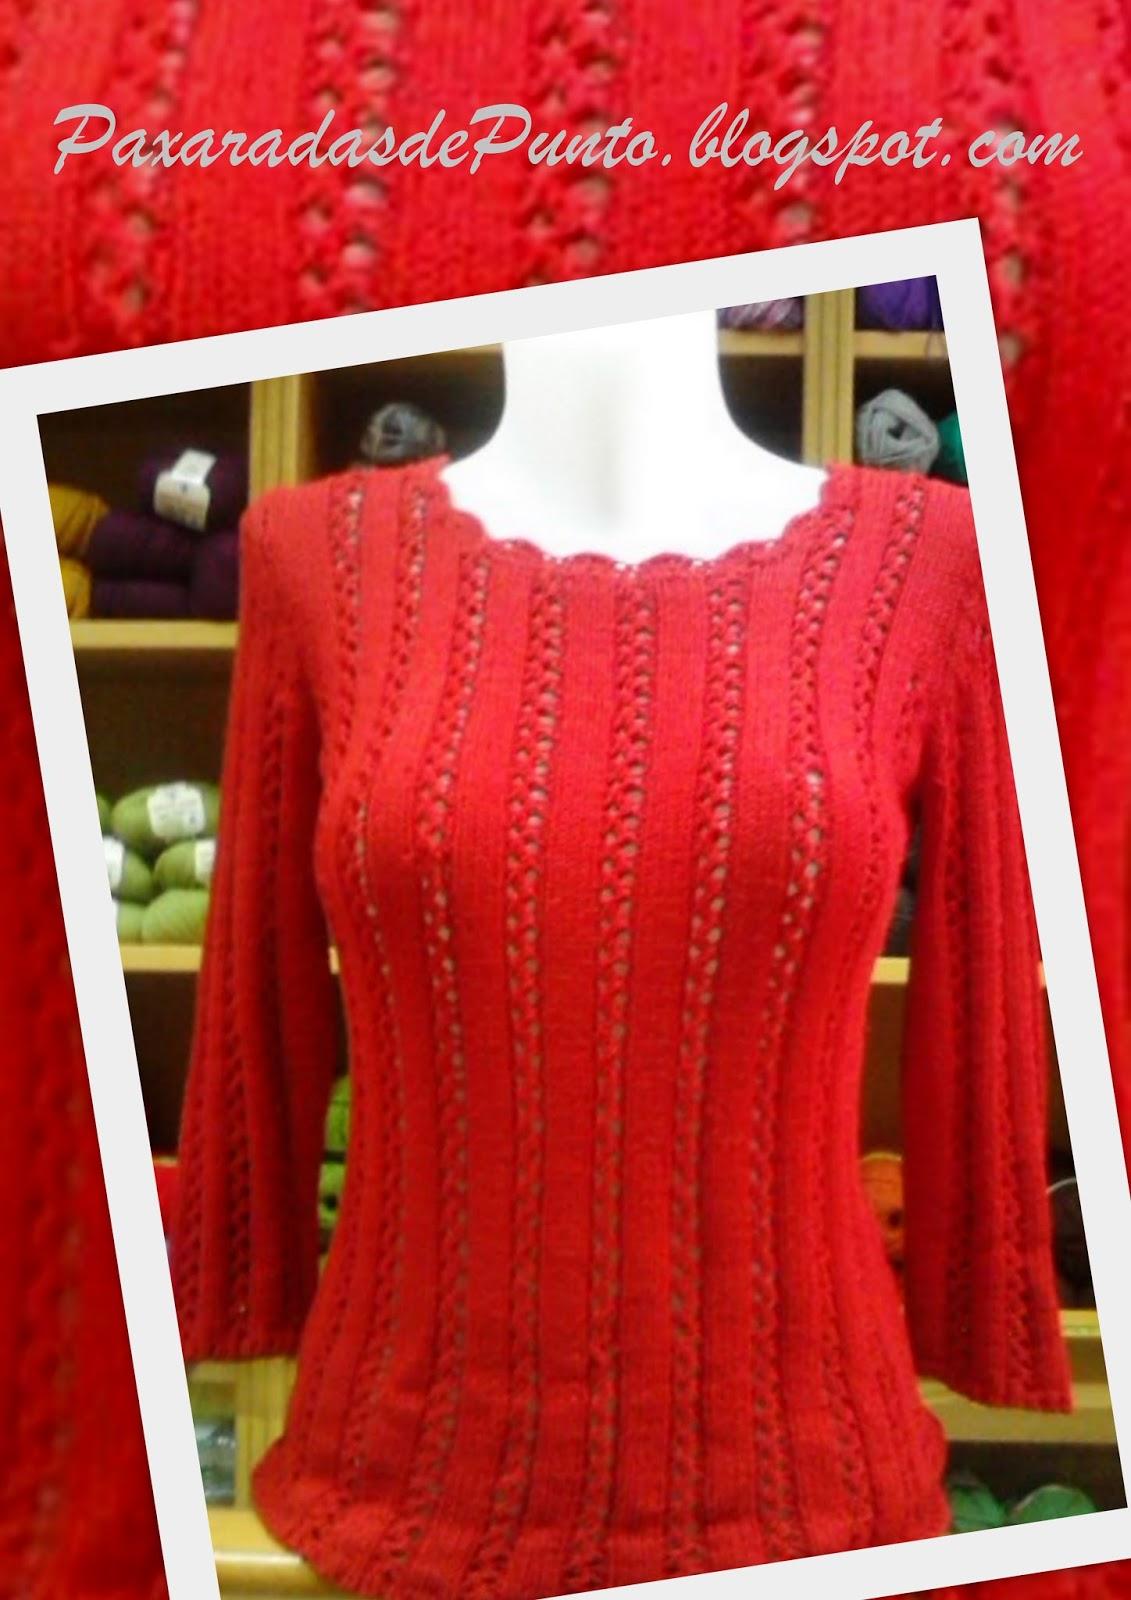 Paxaradas de punto mujer - Como hacer un jersey de punto ...